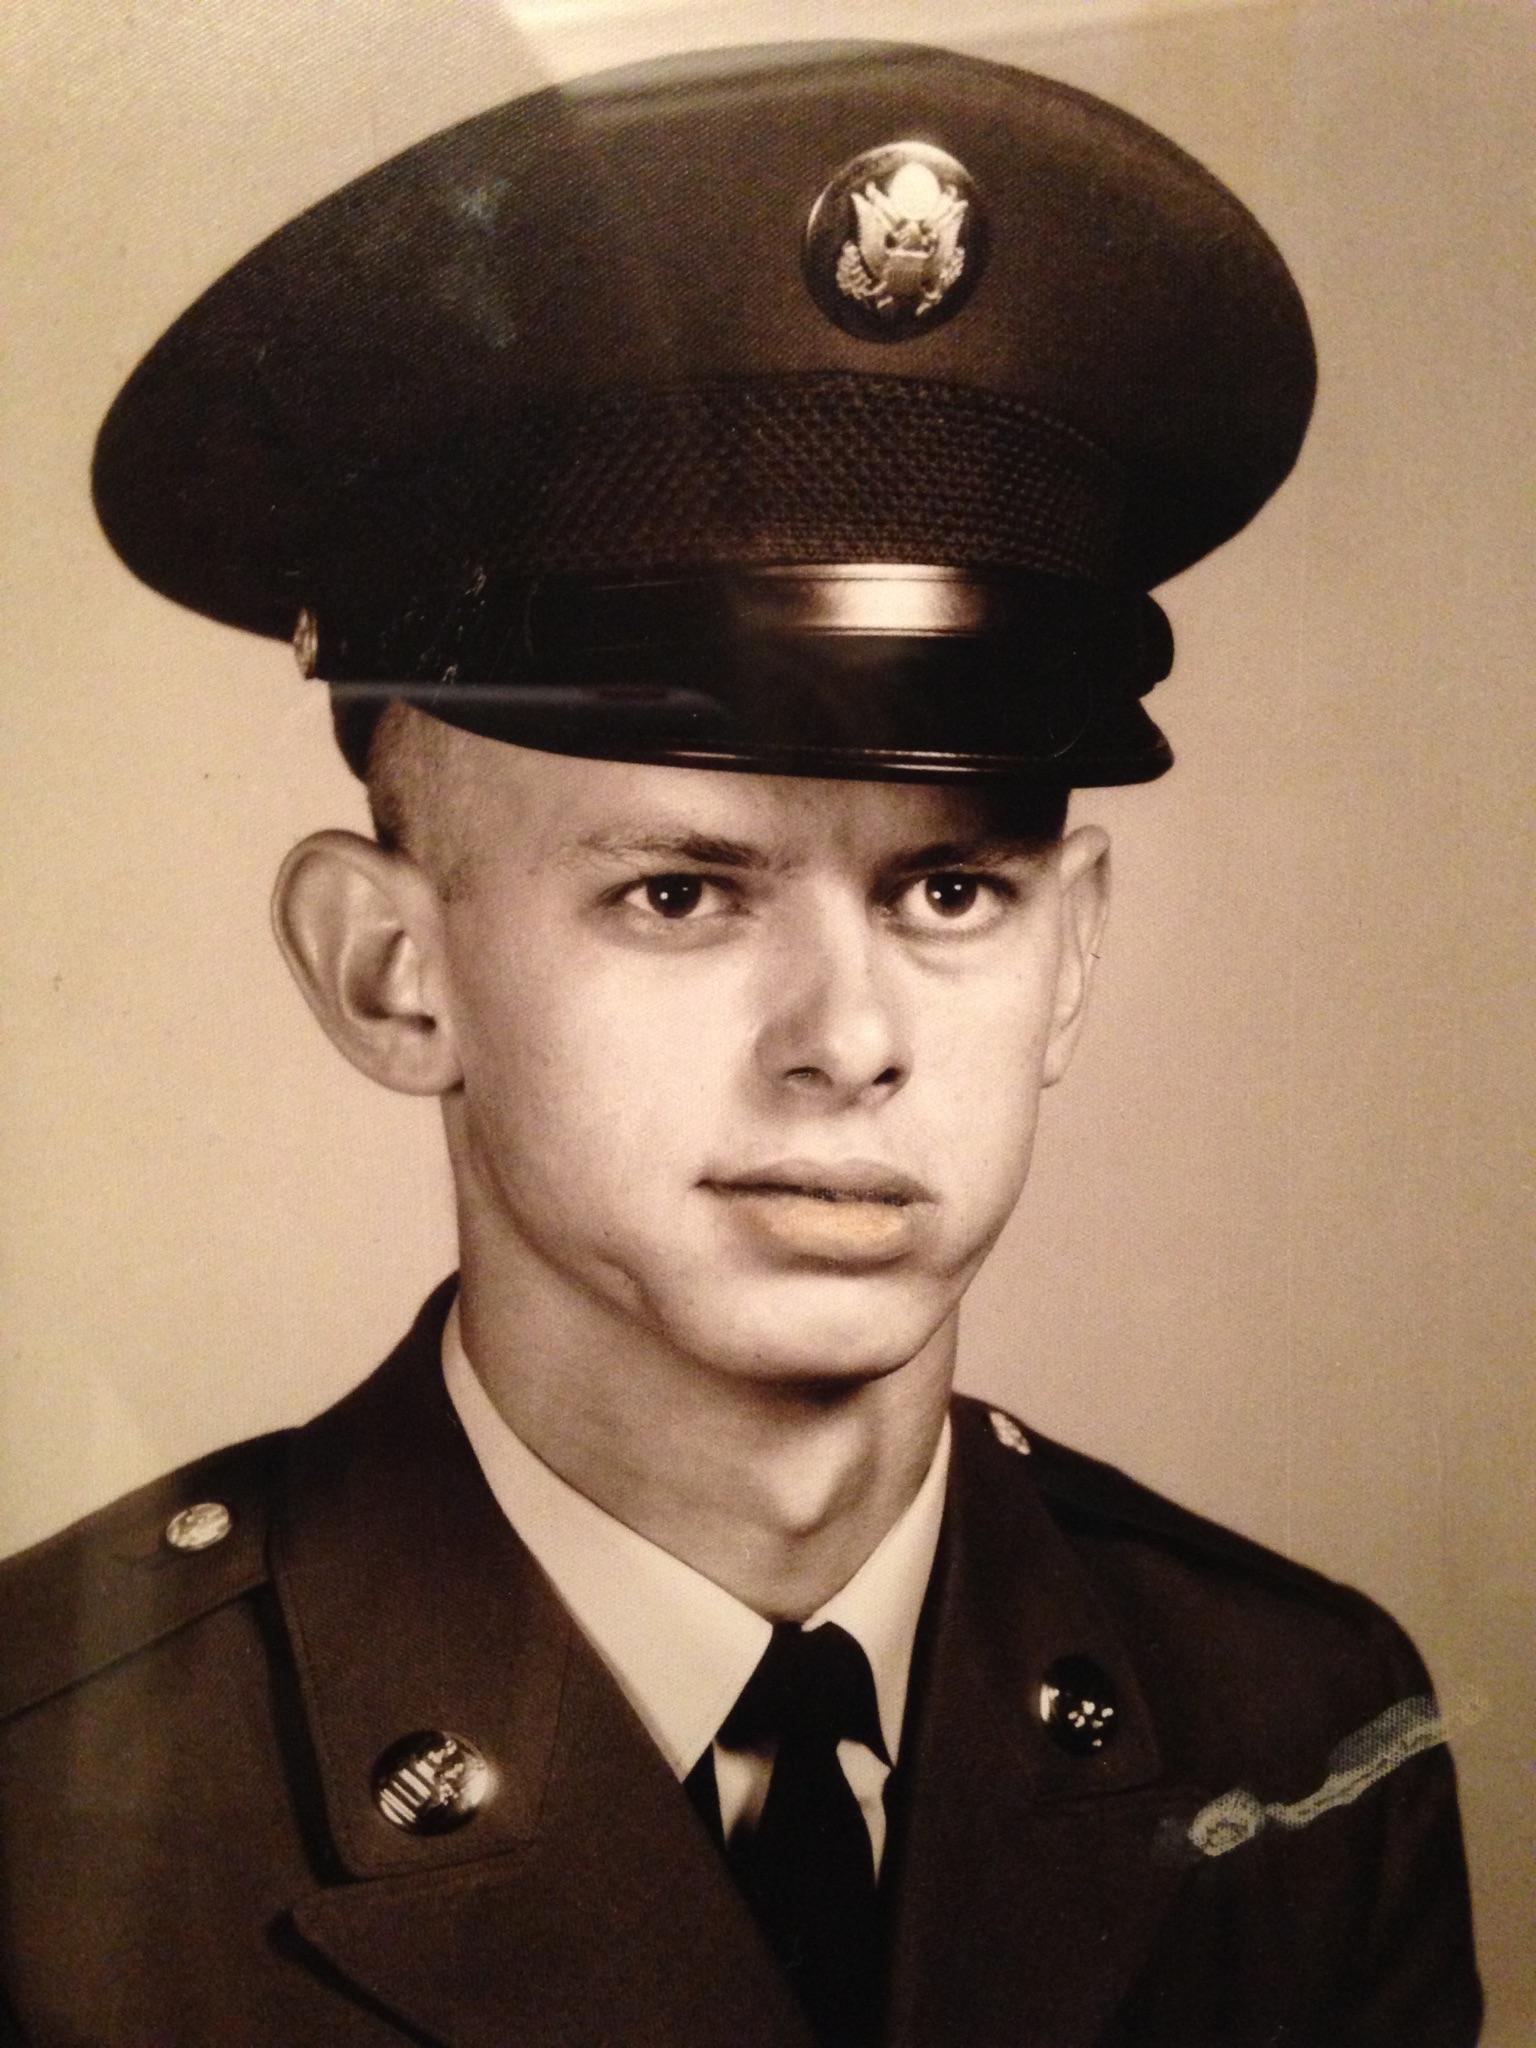 Robert Wiewel, Vietnam veteran